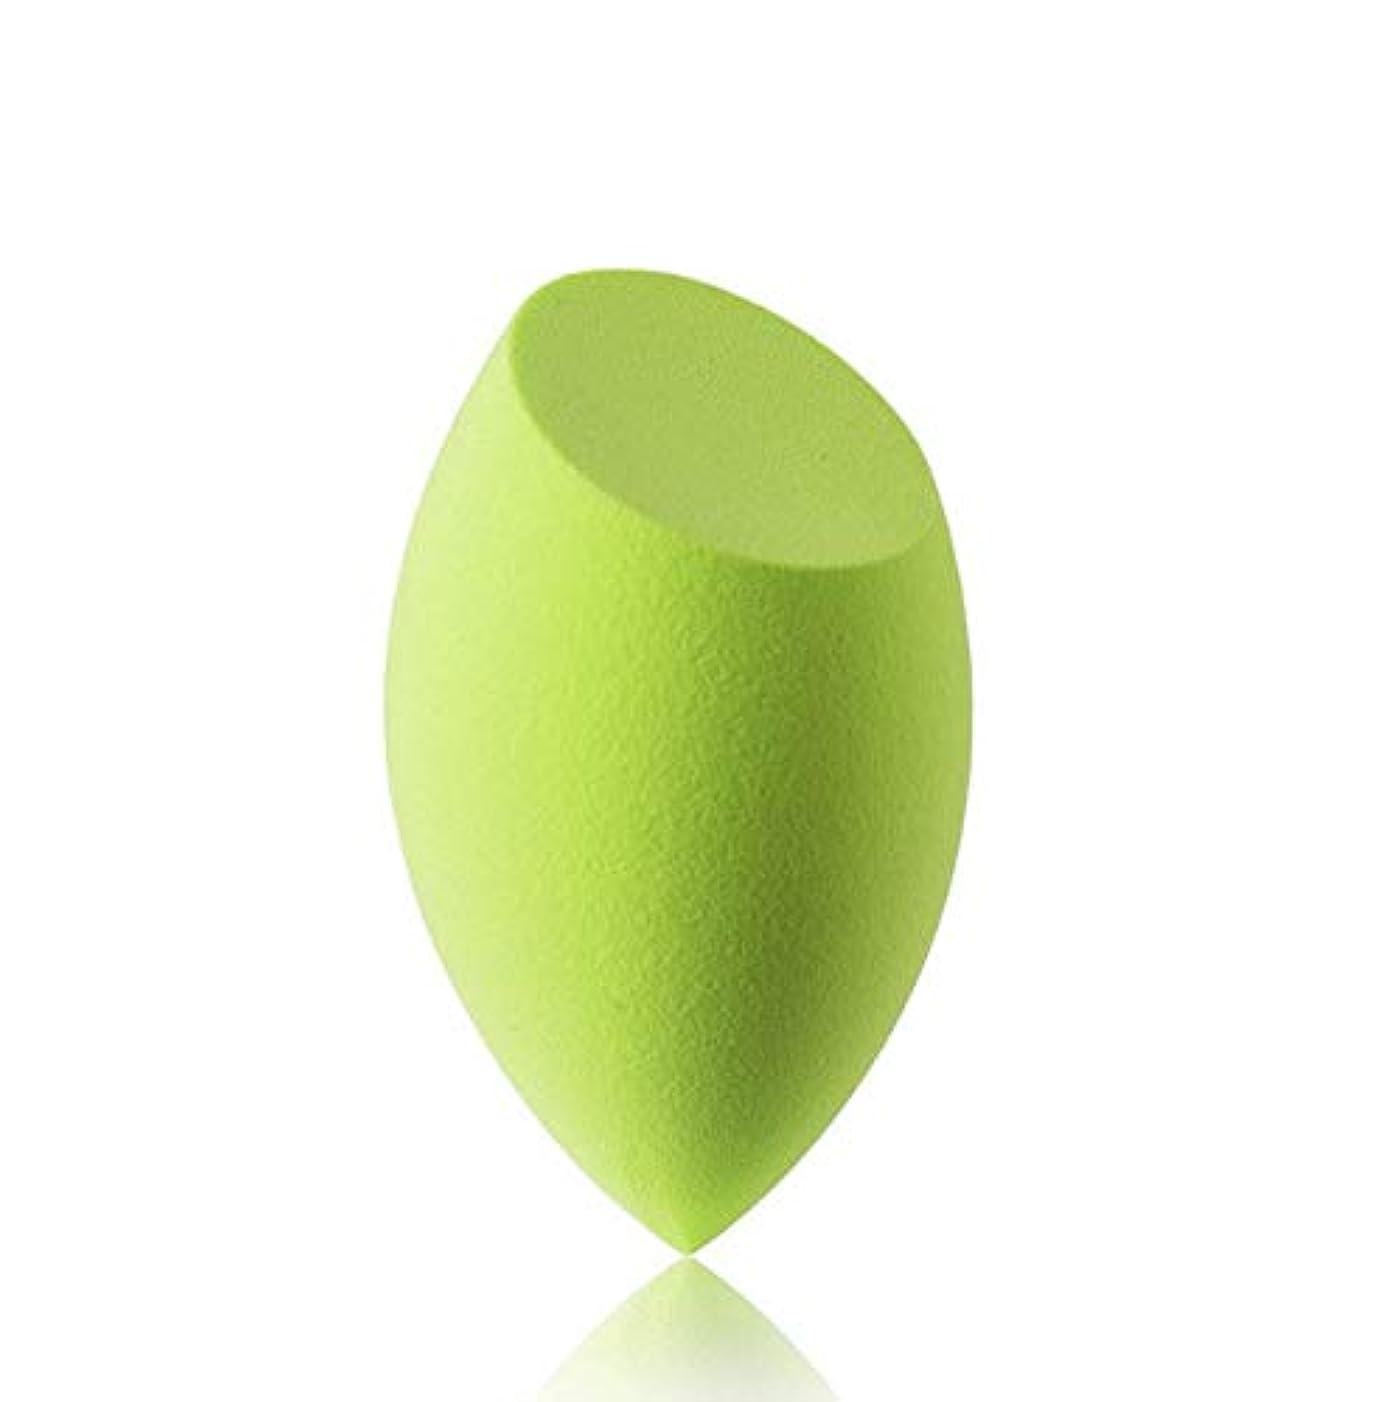 社会科降臨ハイジャック美容スポンジ、ソフトブルー、グリーン美容エッグメイクブレンダーファンデーションスポンジ (Color : グリンー)